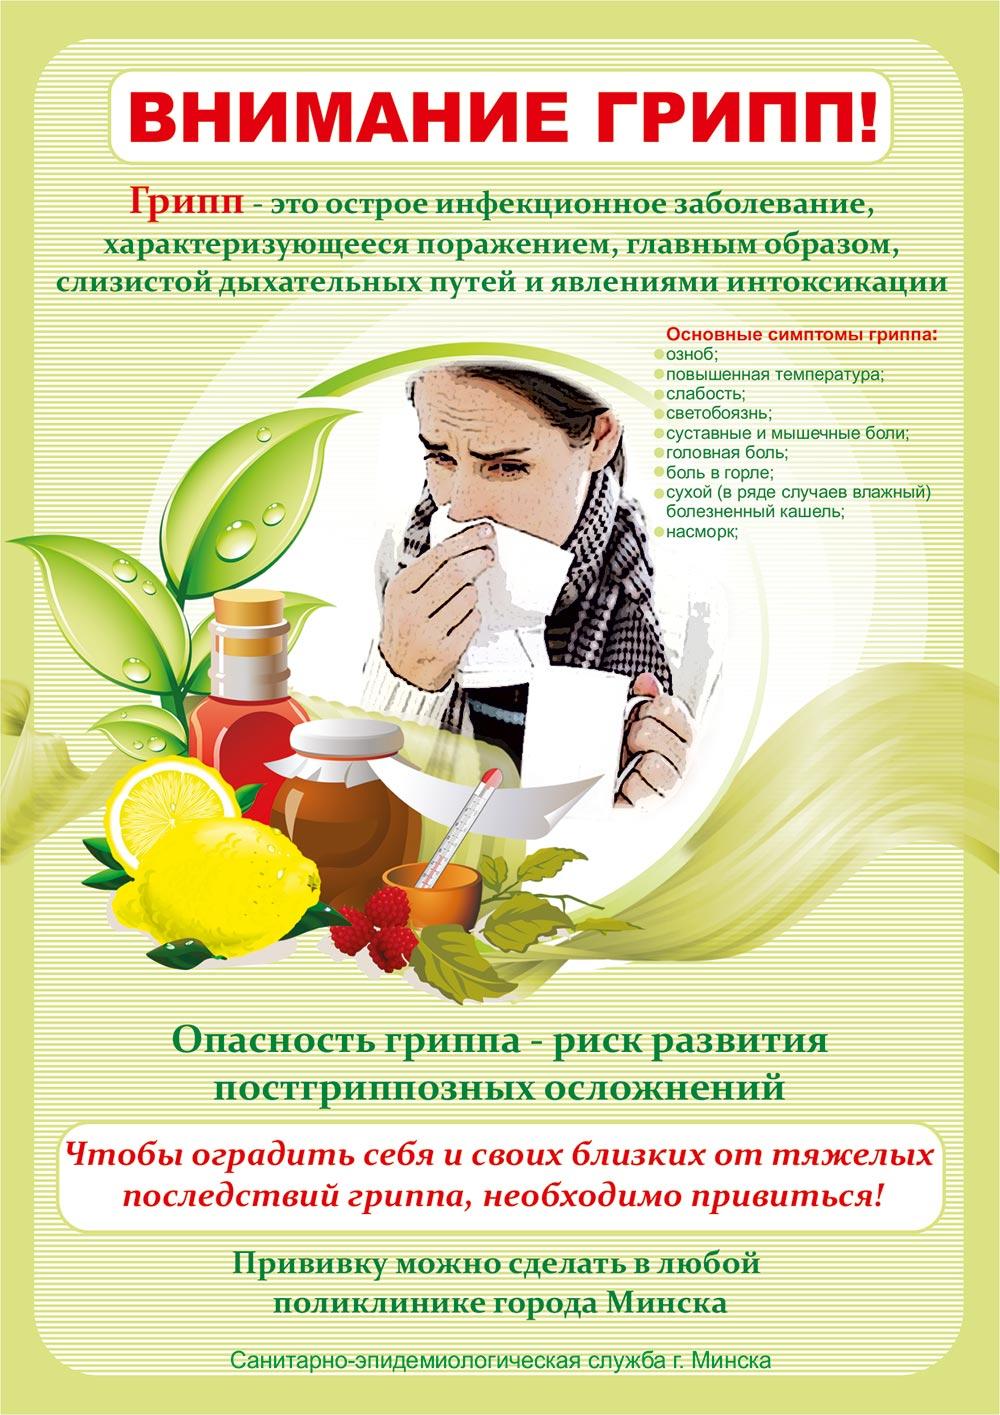 профилактика гриппа фото и картинки соусы это